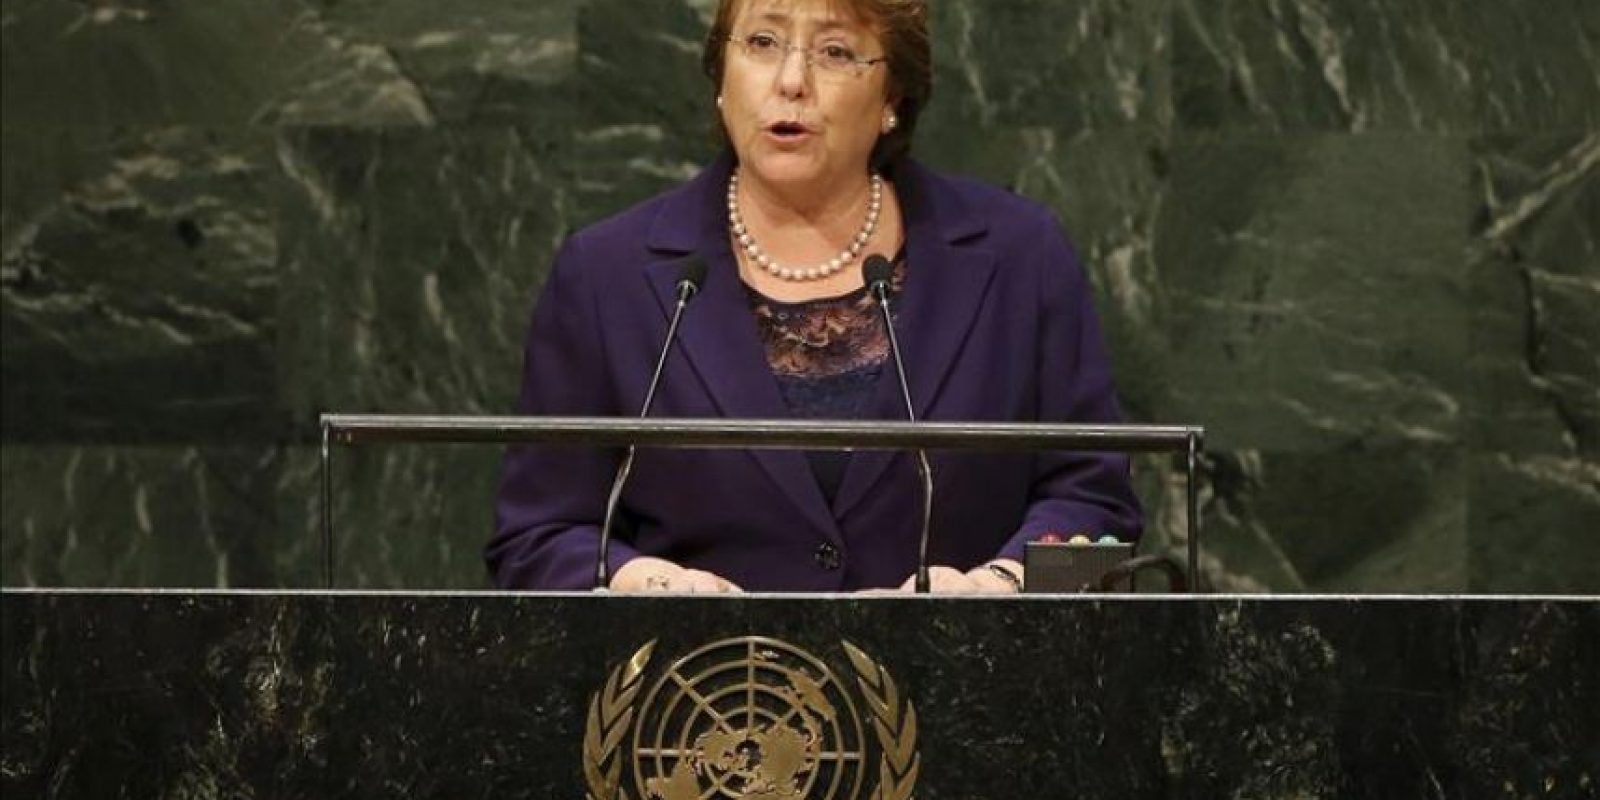 La presidenta chilena Michelle Bachelet durante la Asamblea General de las Naciones Unidas celebrada en Nueva York (Estados Unidos) EFE/Archivo